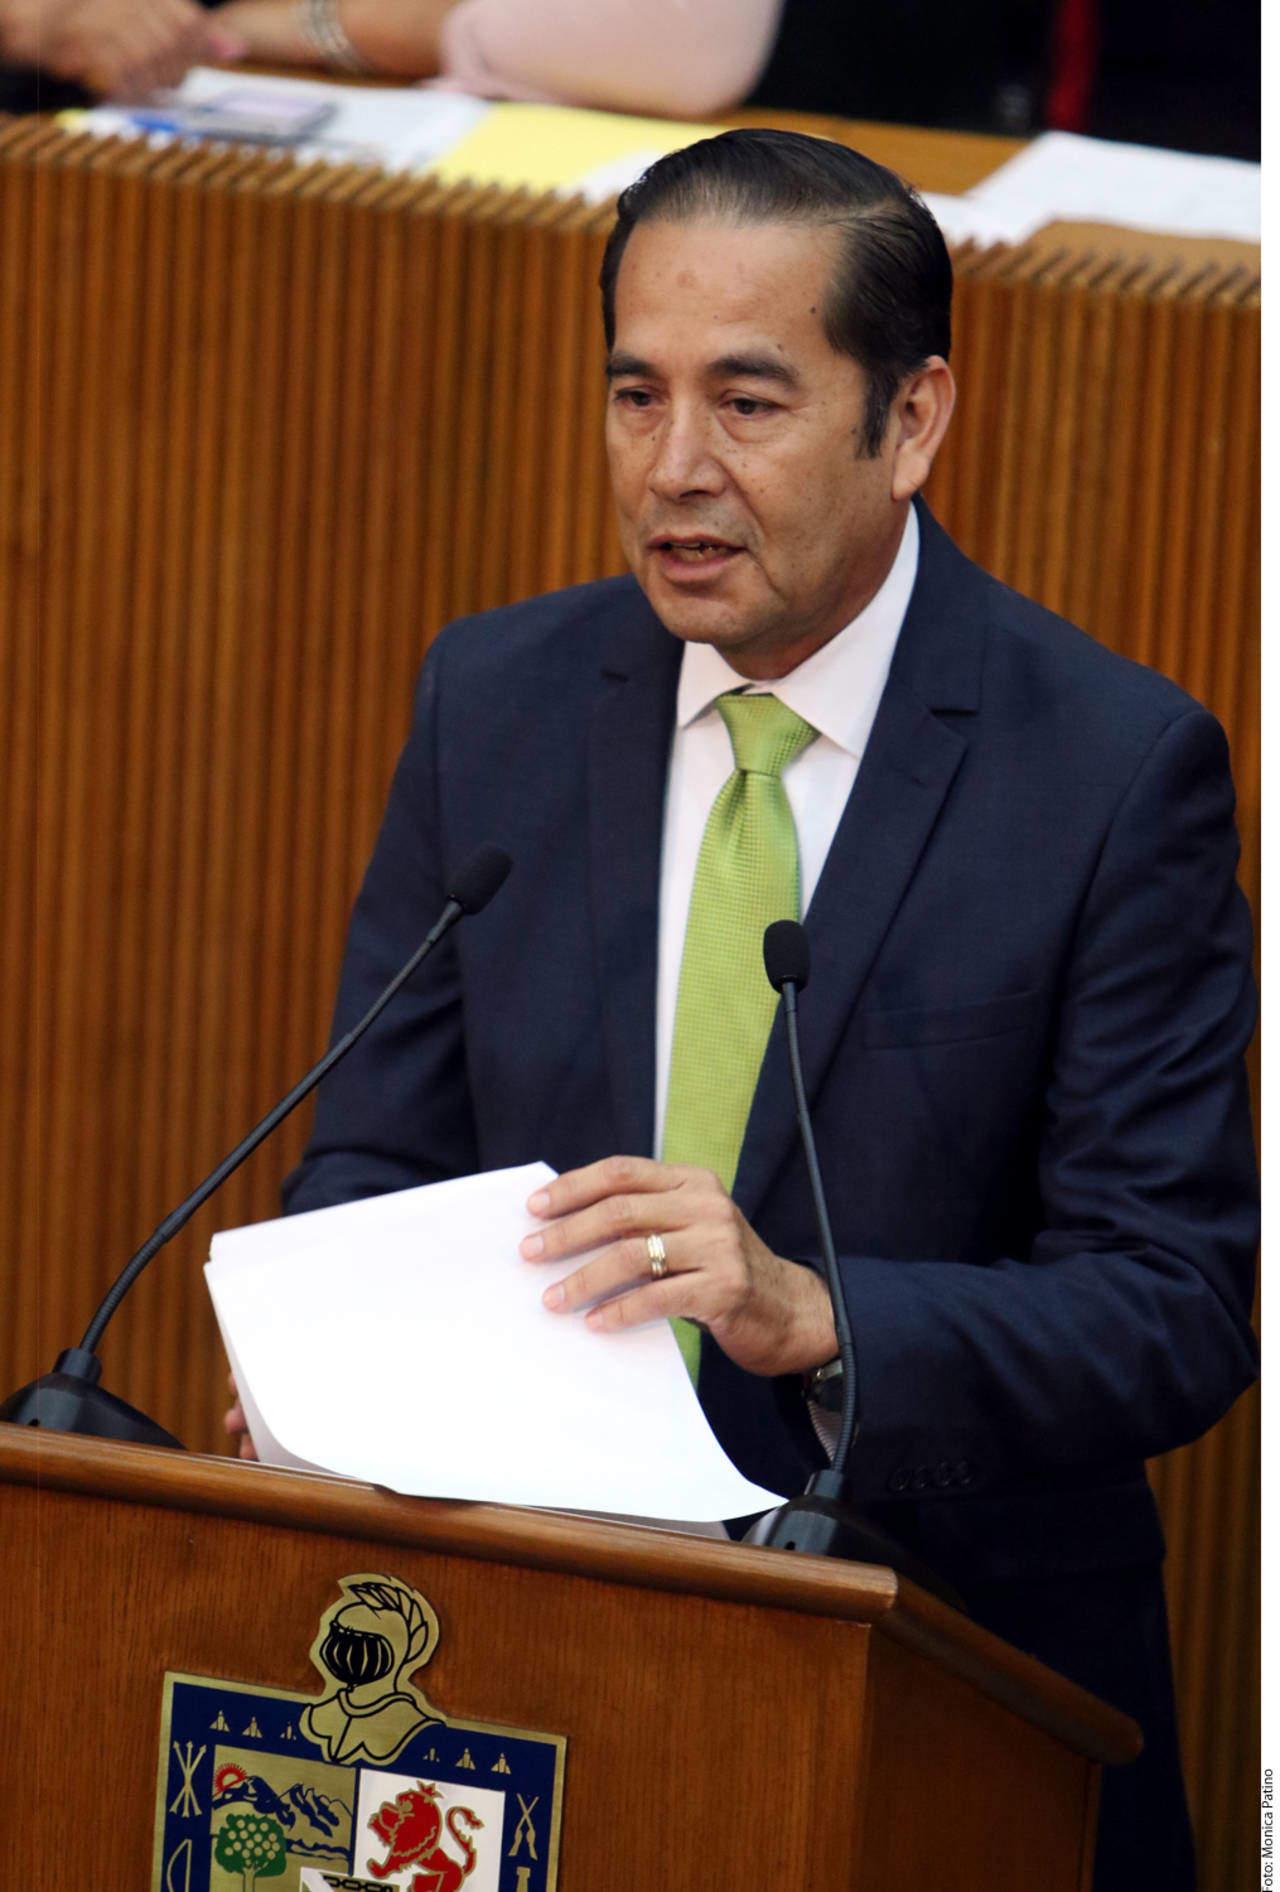 Busca ley en Nuevo León impedir nombres raros